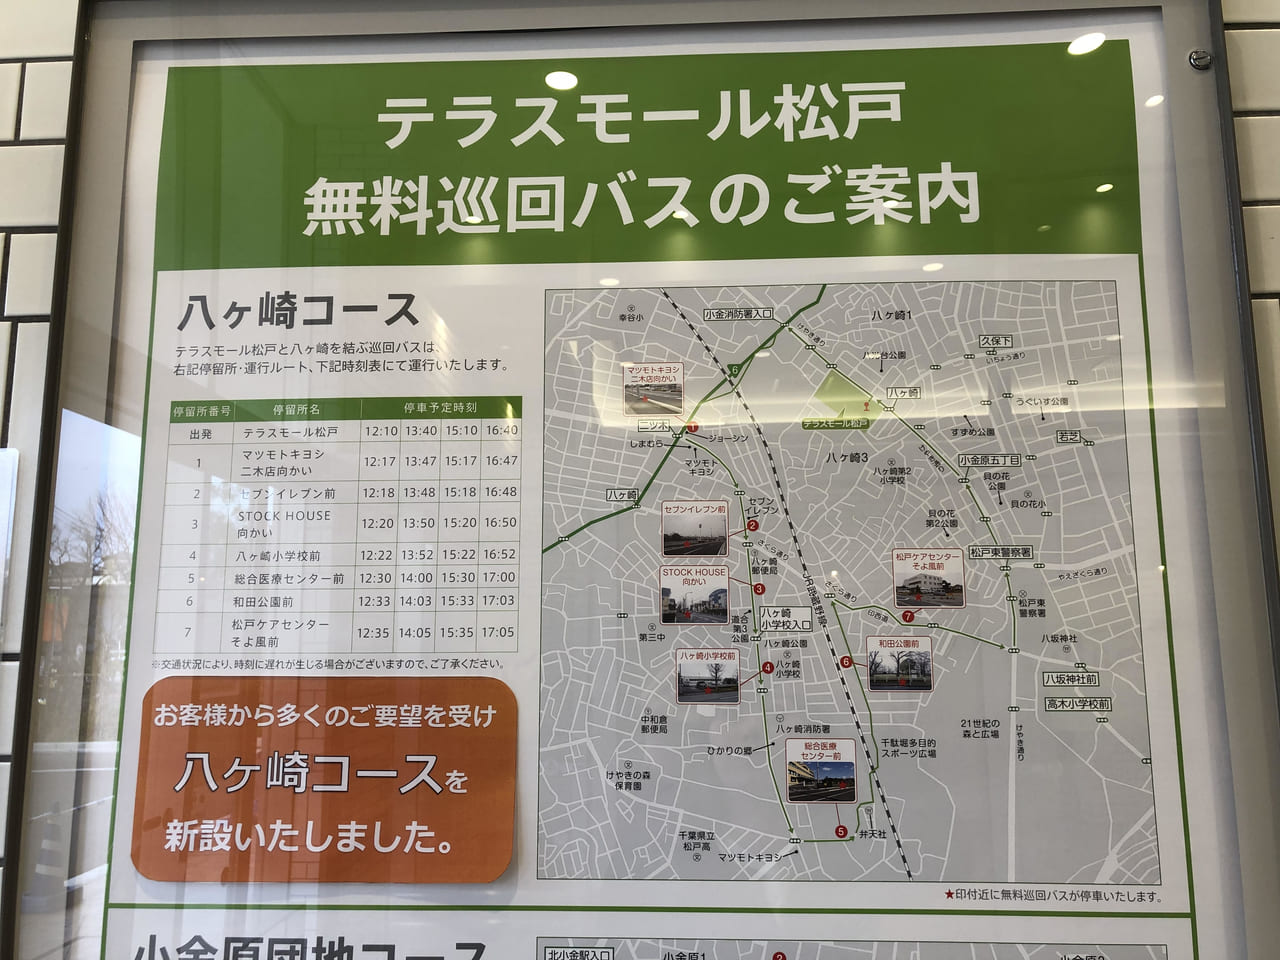 松戸 テラス シャトル バス モール